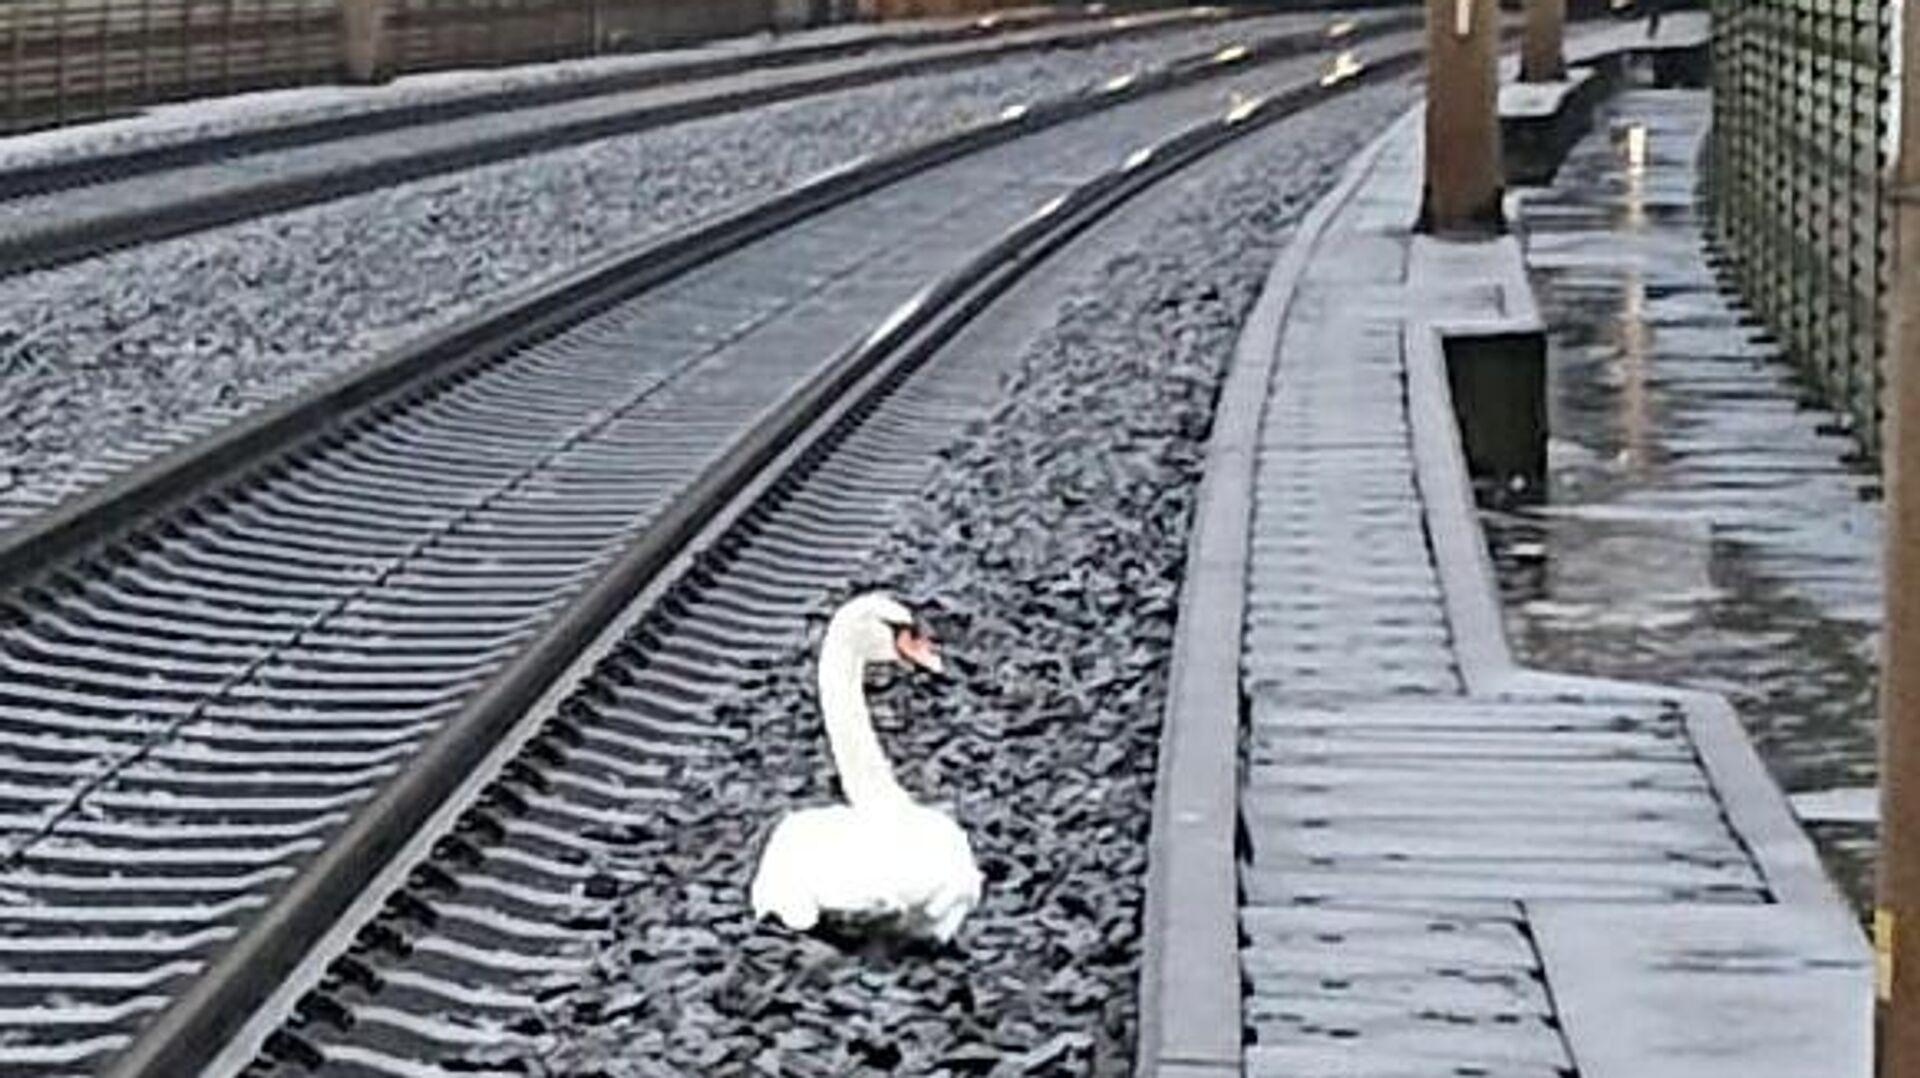 Лебедь, затруднивший движение поездов на железной дороге в Германии - РИА Новости, 1920, 29.12.2020